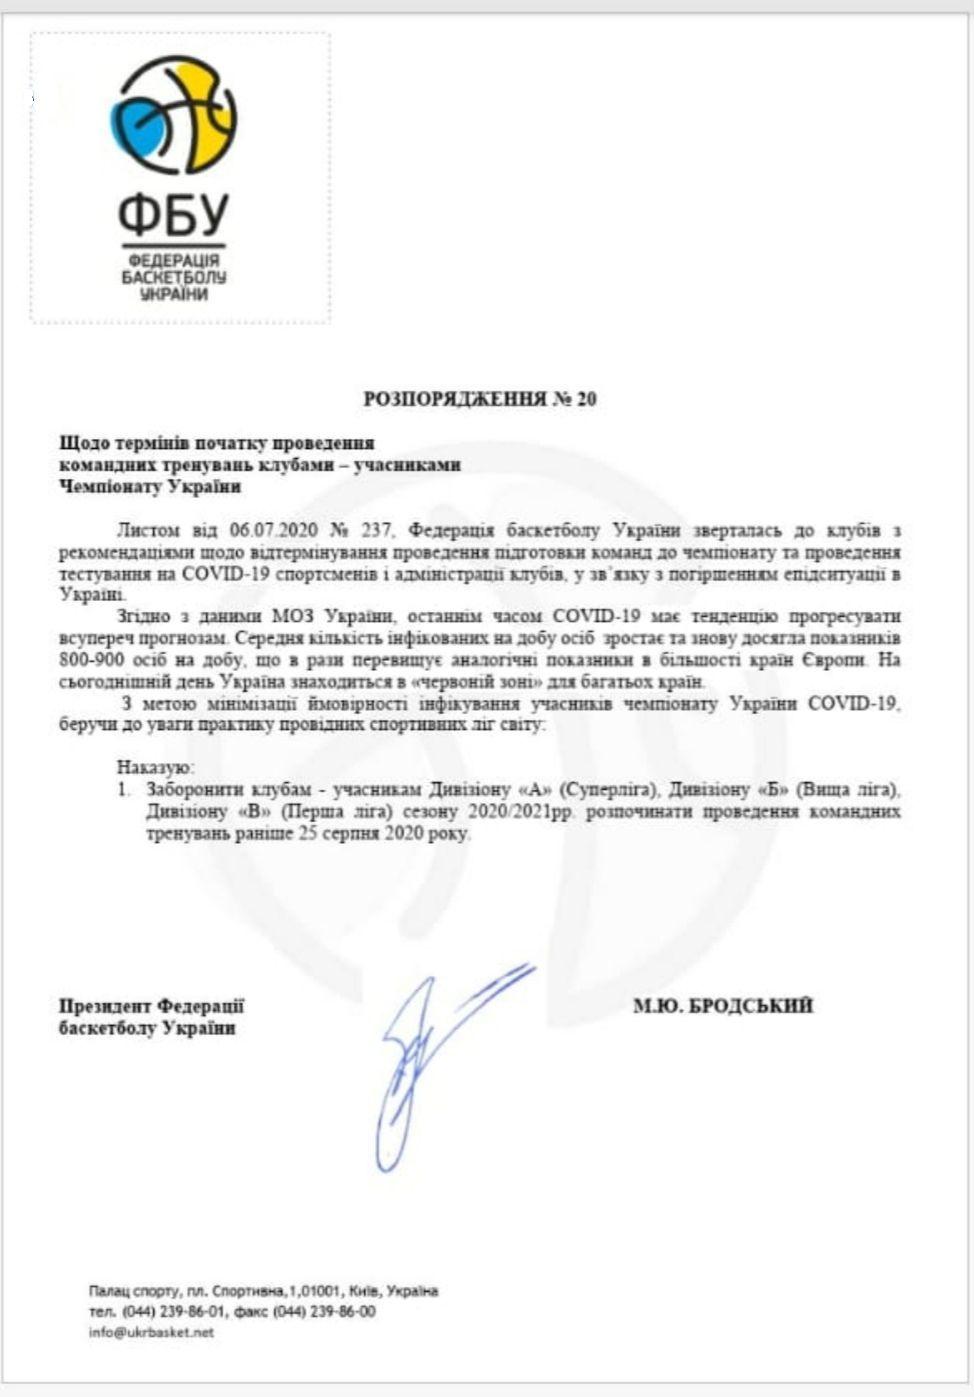 http://i.fbu.kiev.ua/1/34775/docfbu2.jpg